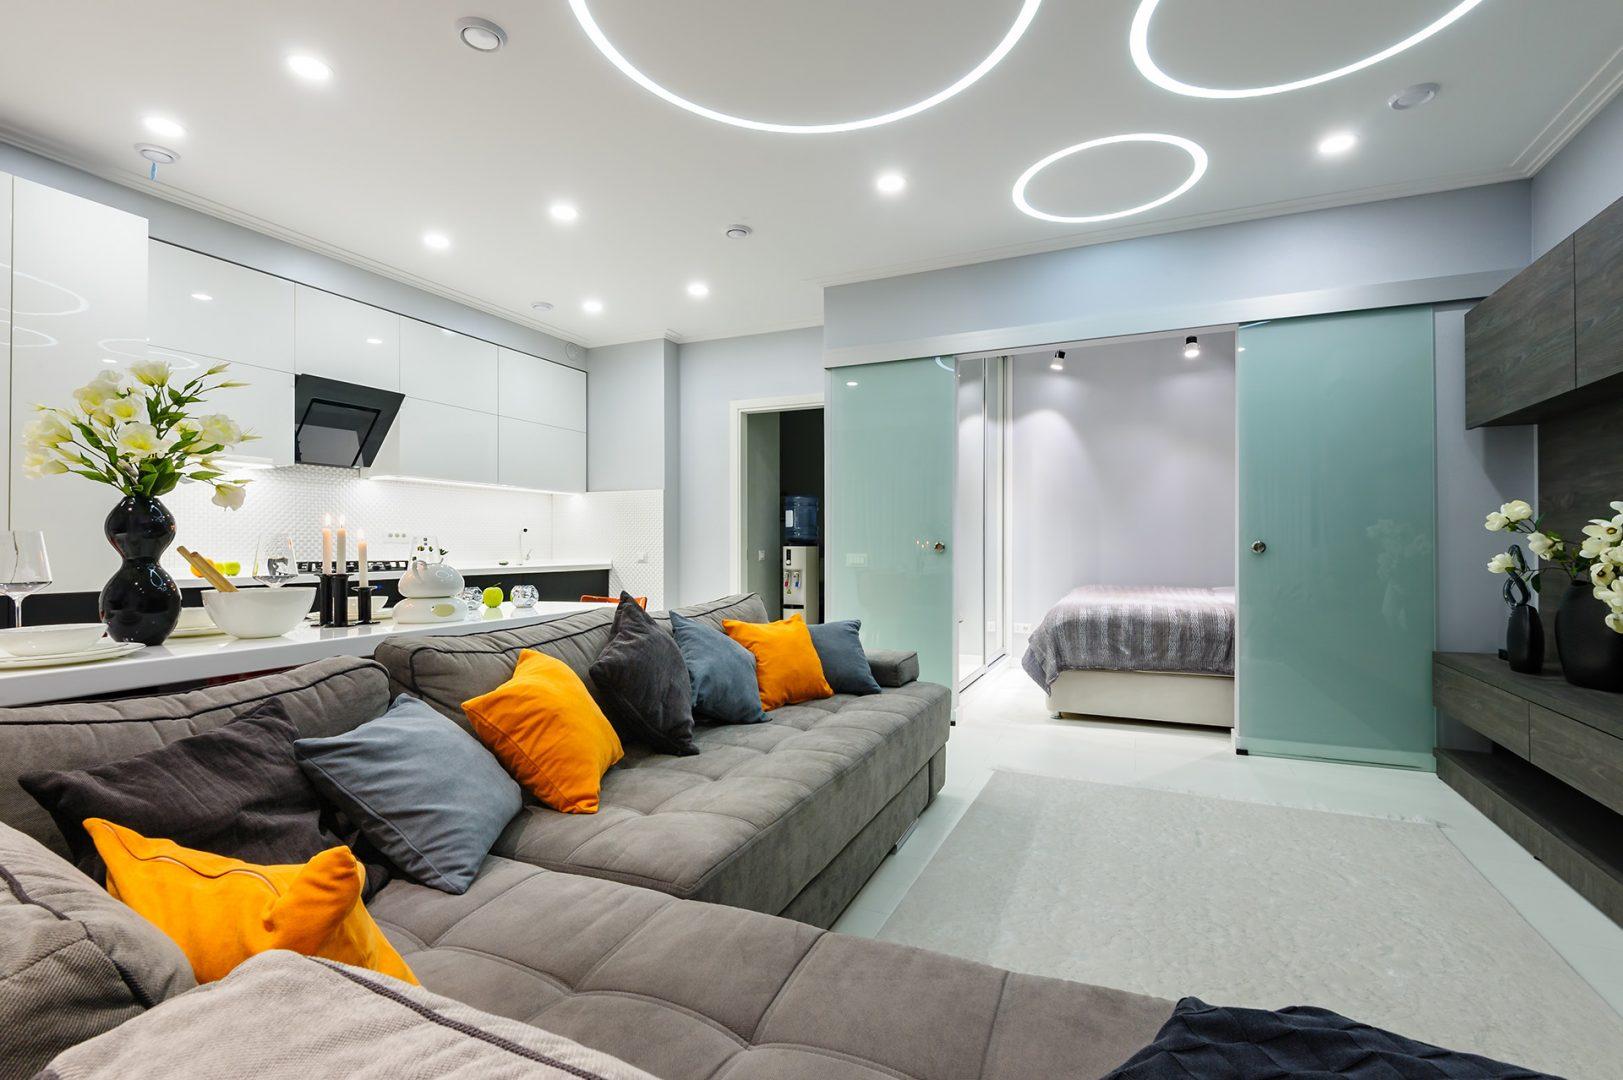 Estúdio moderno branco com luzes led